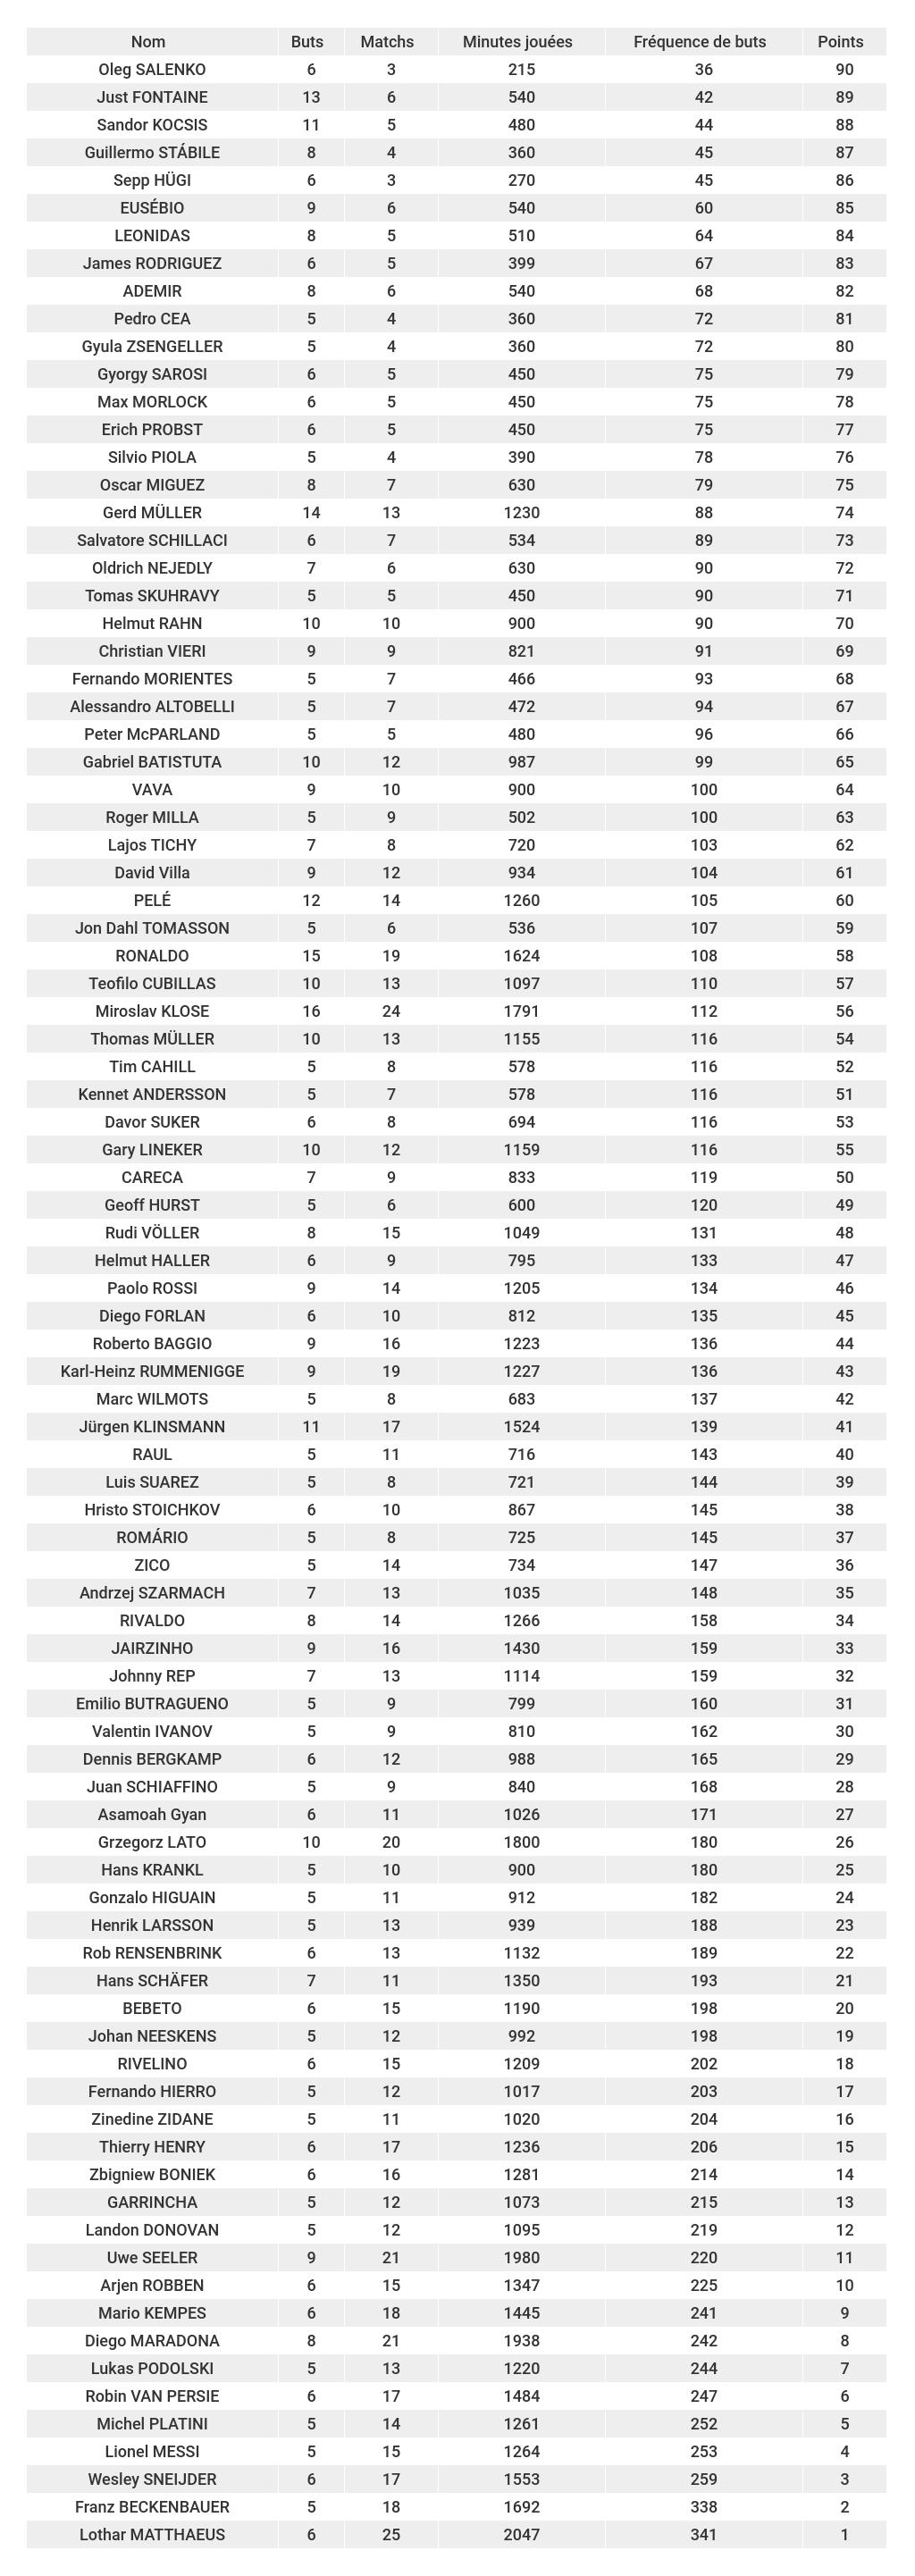 étude-des-meilleurs-buteurs-de-la-coupe-du-monde-classement-fréquence-de-buts-foot-dinfographies